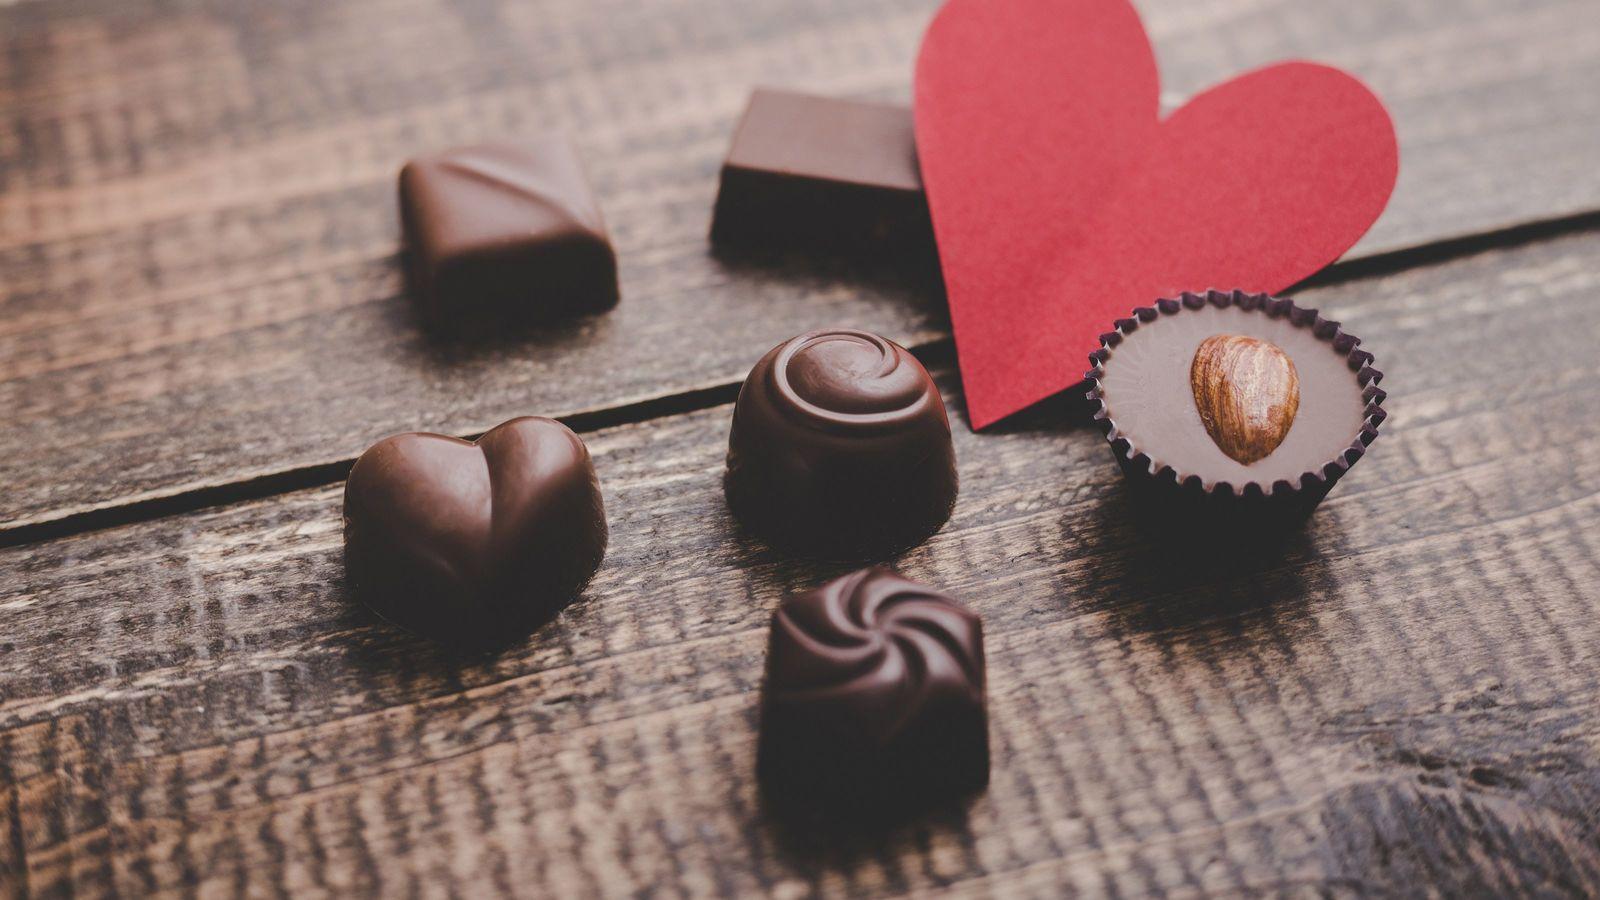 チョコレートを食べても太りにくい「魔法の時間」をご存知か 「午後2~4時」は脂肪になりにくい